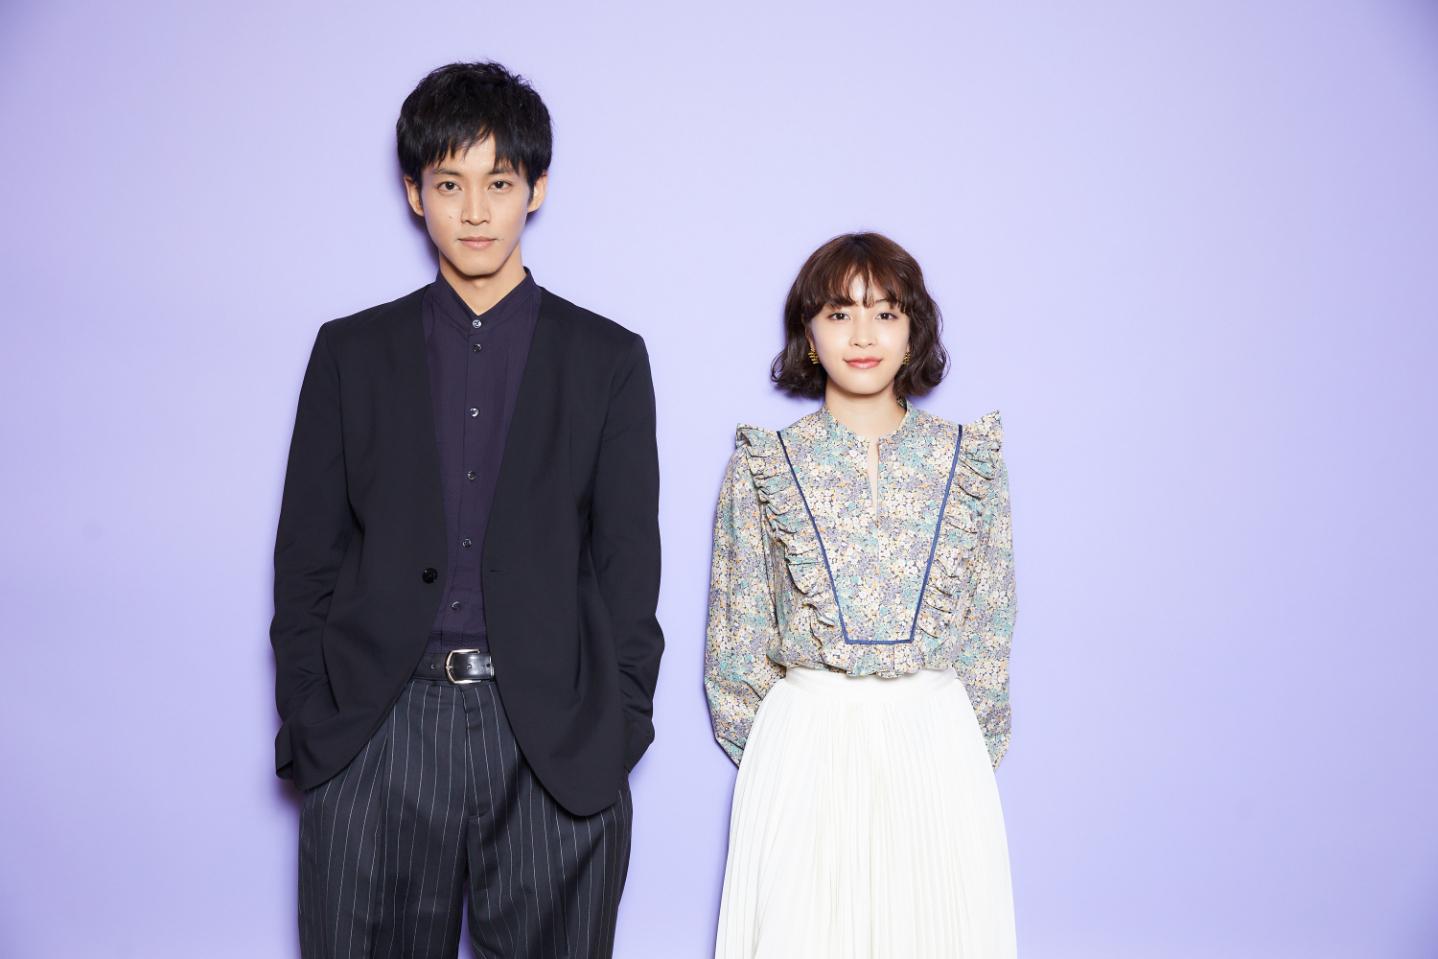 左から、松坂桃李、広瀬すず 撮影=iwa